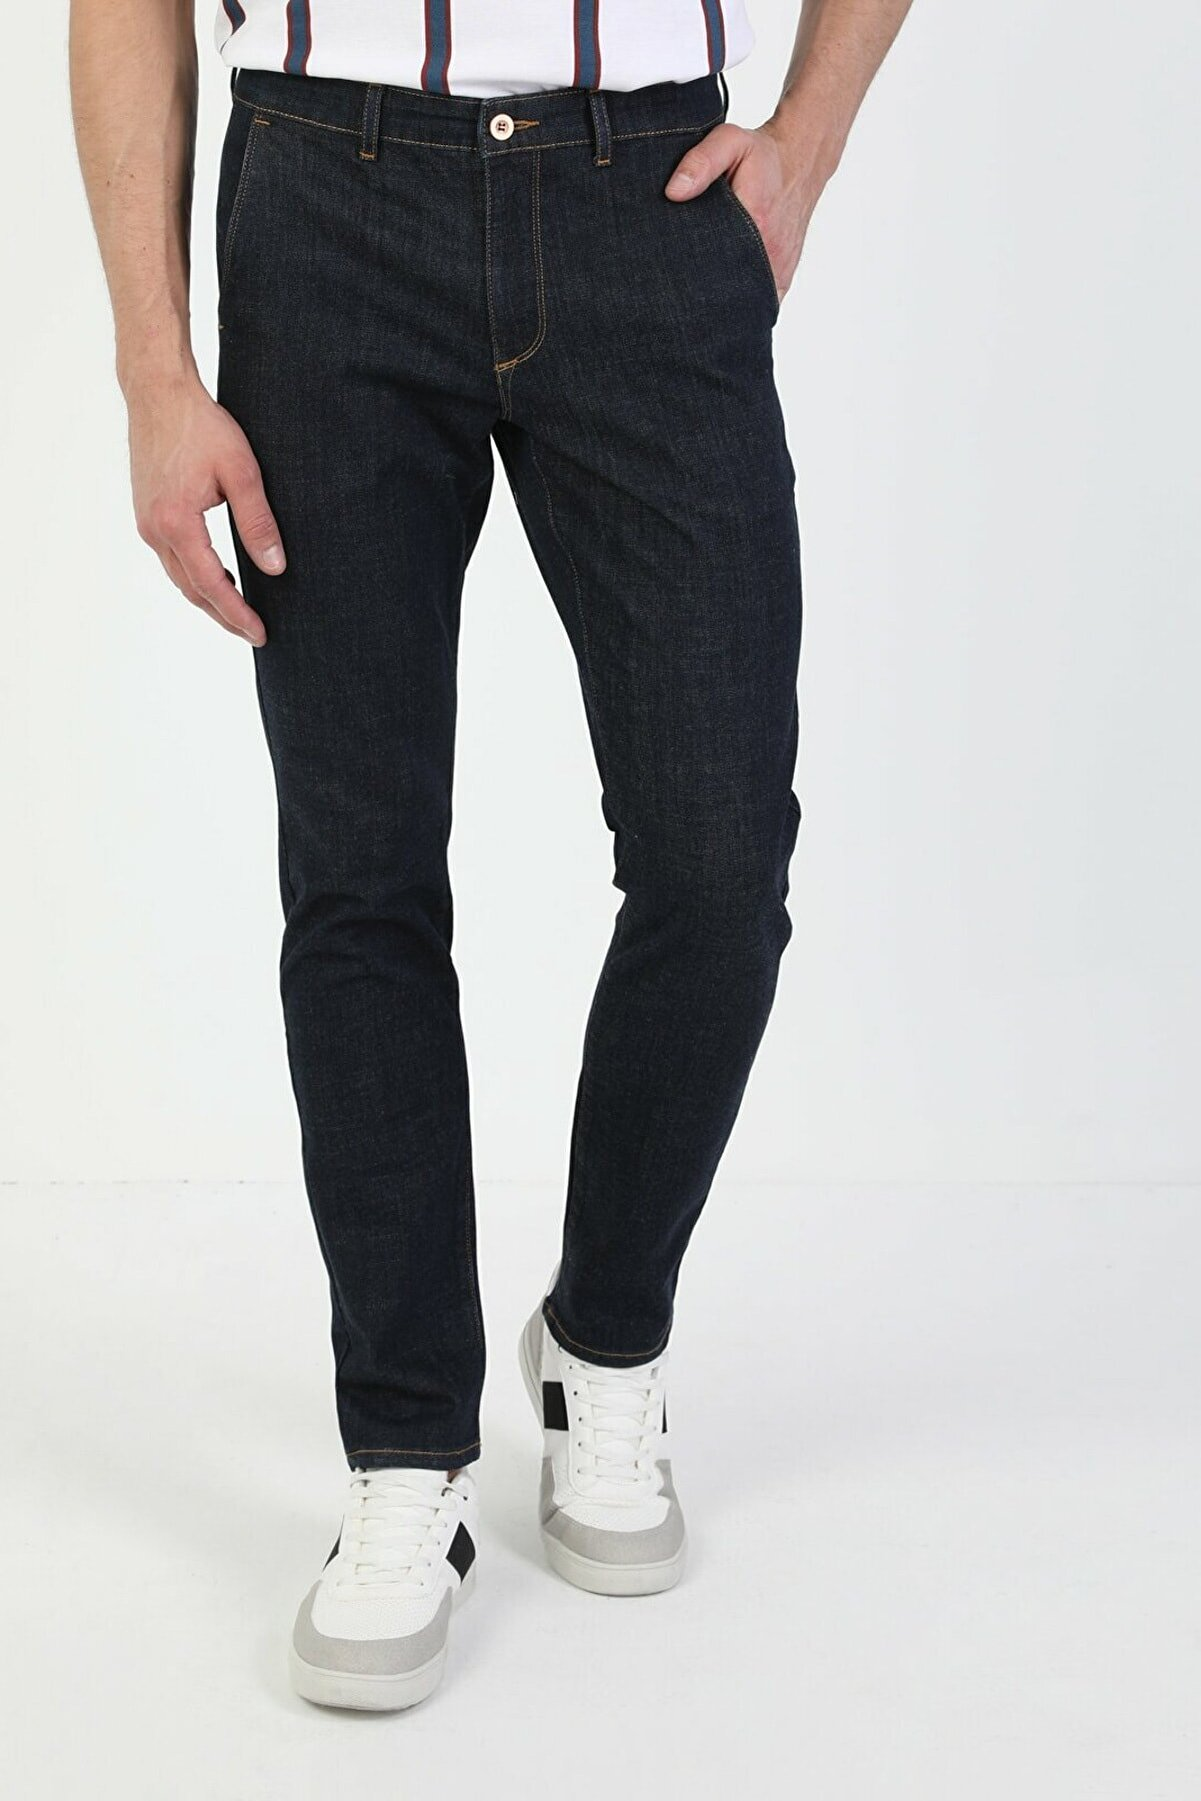 Colin's ERKEK 034 Denım Chıno Düşük Bel Dar Paça Slim Fit Jean Erkek Jean Pantolon CL1049645